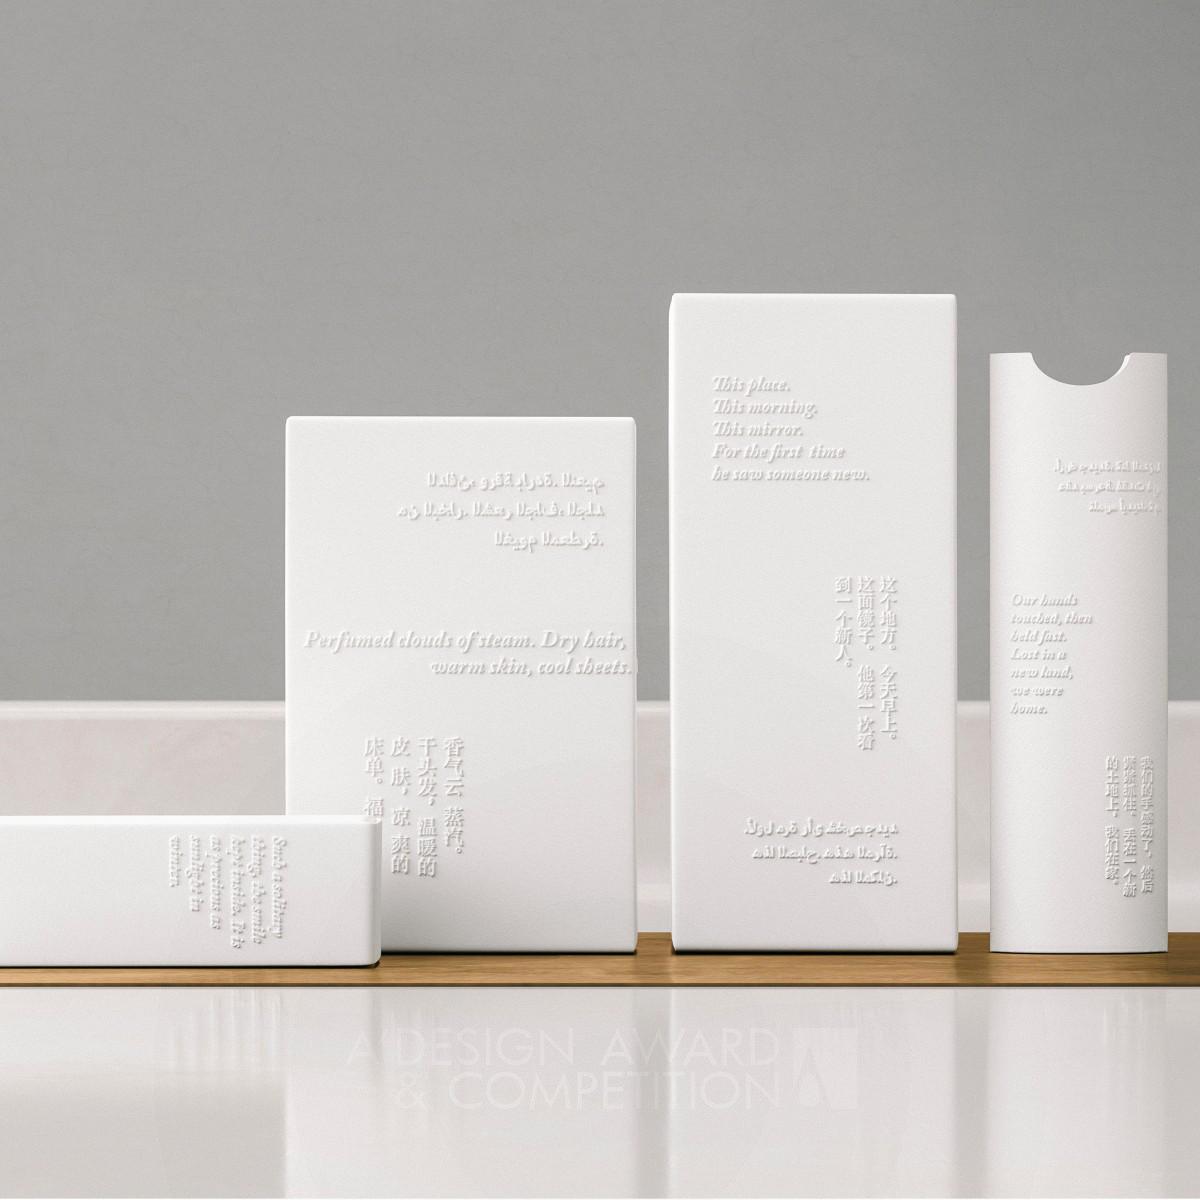 Poetic Hotel Packaging